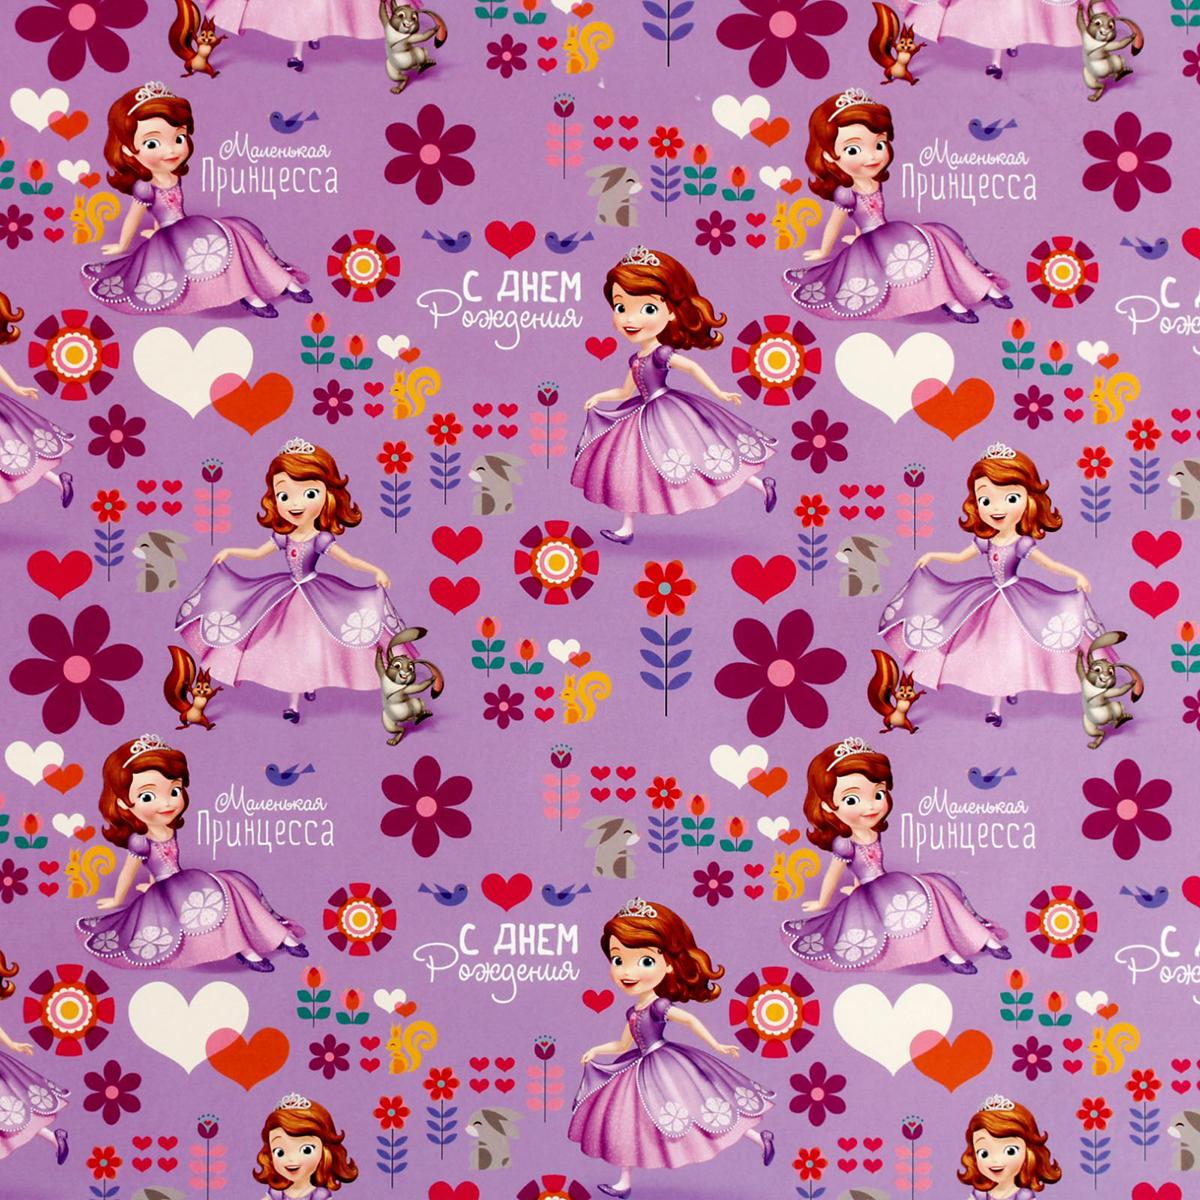 Бумага упаковочная Disney С Днем Рождения! Милая принцесса. София прекрасная, глянцевая, 70 х 100 см. 25864572586457Удивительный мир Disney теперь совсем близко! Любимые герои и сюжеты в эксклюзивном дизайне нашей собственной разработки превращают любое изделие в современное произведение искусства с голливудским характером. Подарочная глянцевая бумага отличается высоким качеством печати и плотностью материала, что делает её удобной в вопросе оформления подарков. Такая упаковка всегда будет актуальна, ведь мультфильмы Disney, как вино, с годами становятся только лучше.